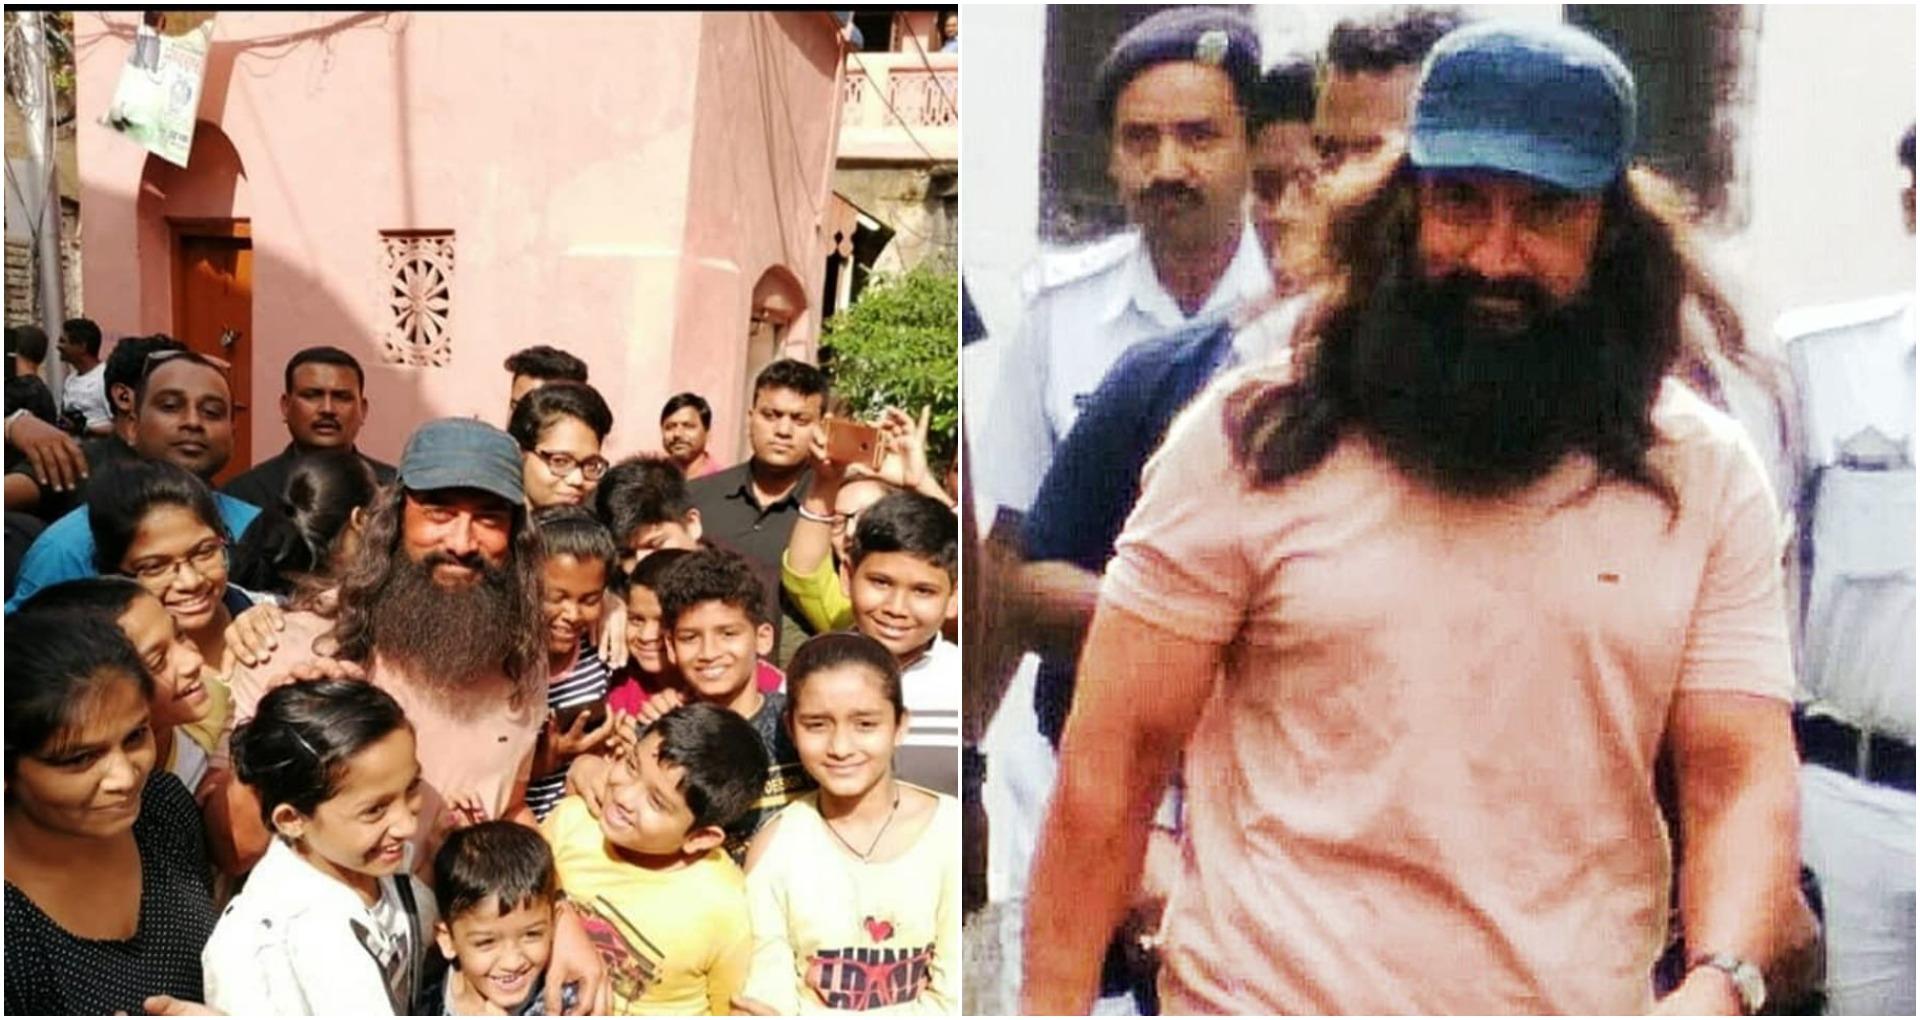 Aamir Khan Look: लाल सिंह चड्ढा से आमिर खान का वायरल लुक, लंबी दाढ़ी-लंबे बाल, मिस्टर परफेक्ट का ये कैसा हाल